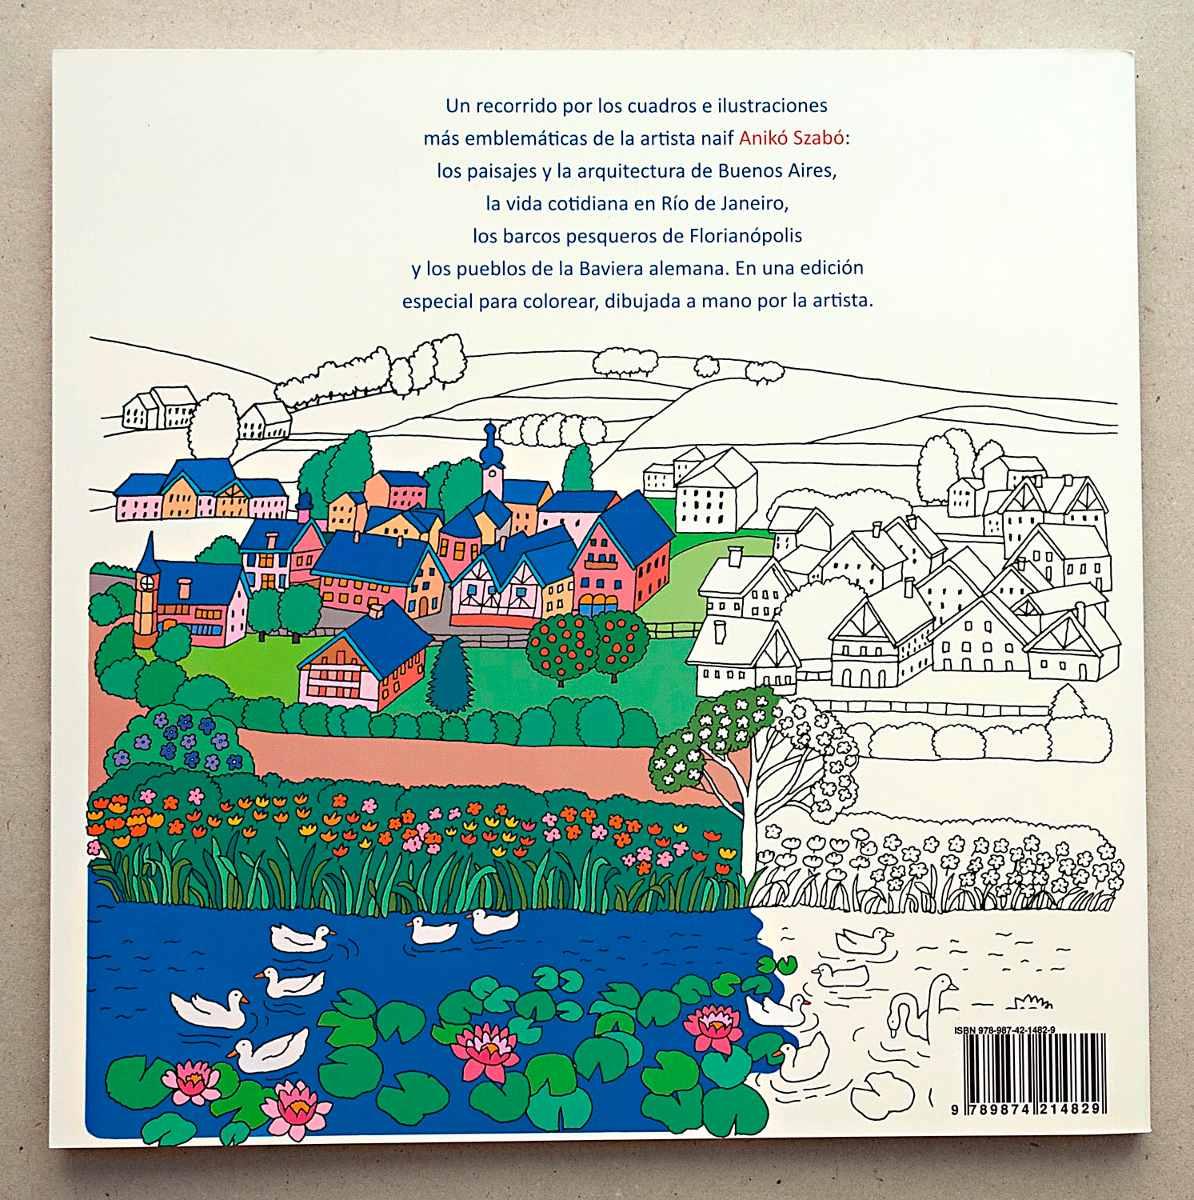 Libro Cuadros Naif Para Colorear De Aniko Szabo Autografiado - $ 330 ...